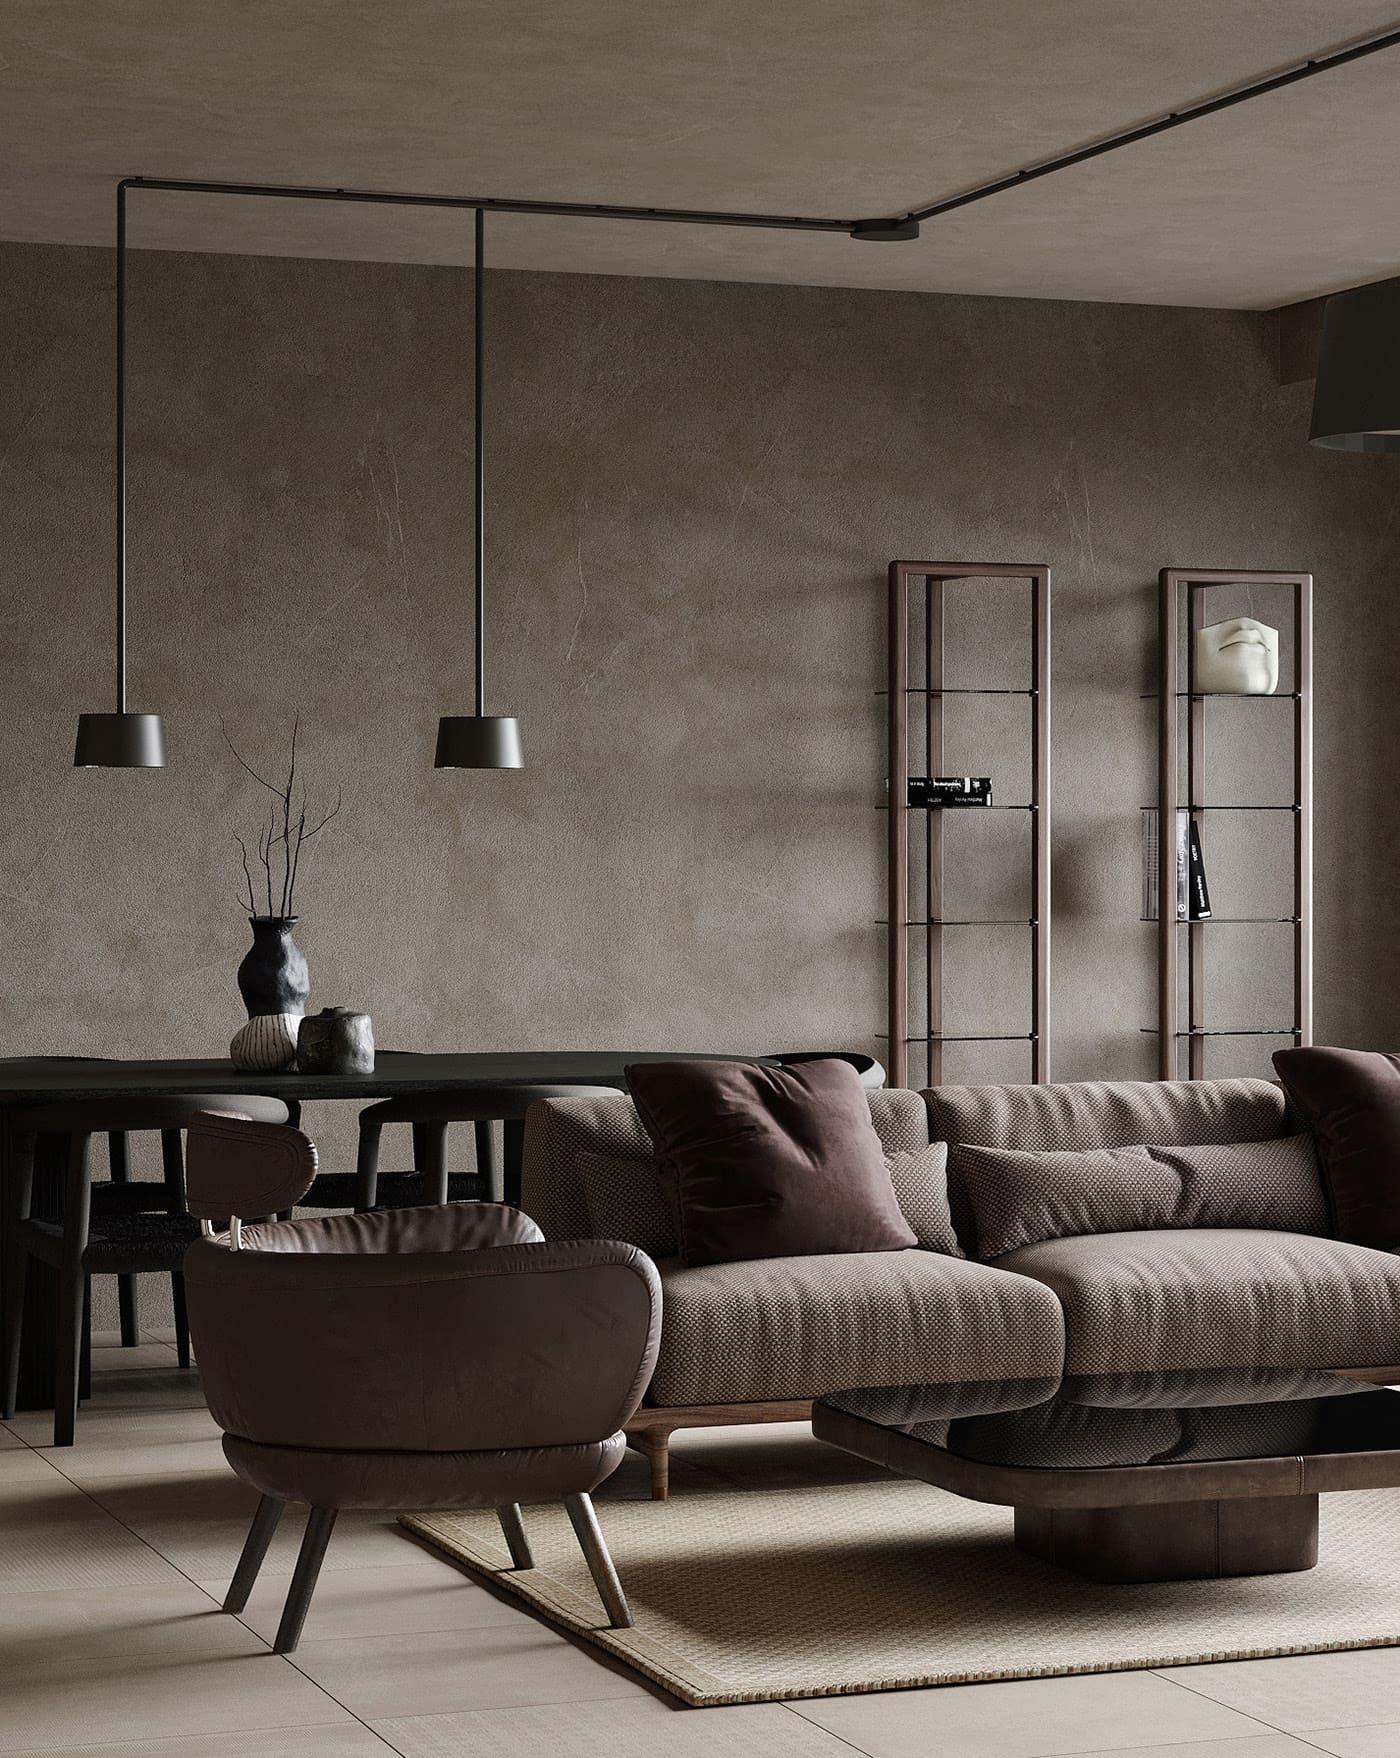 conception d'un appartement d'une pièce photo 3